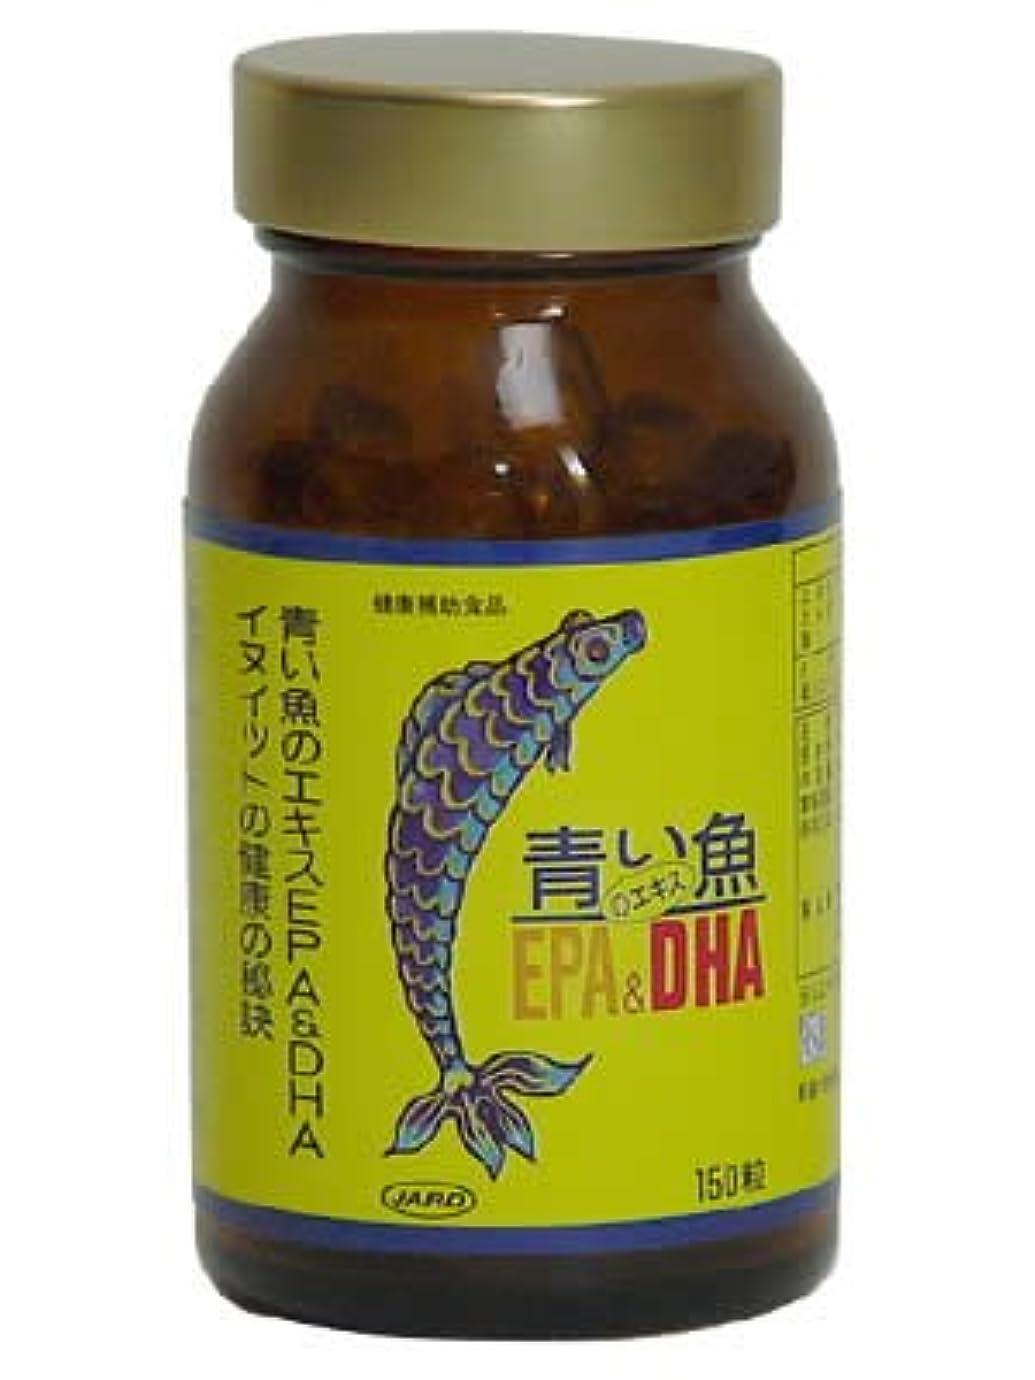 サービスほとんどの場合聞きます青い魚のエキスEPA&DHA【6本セット】ジャード